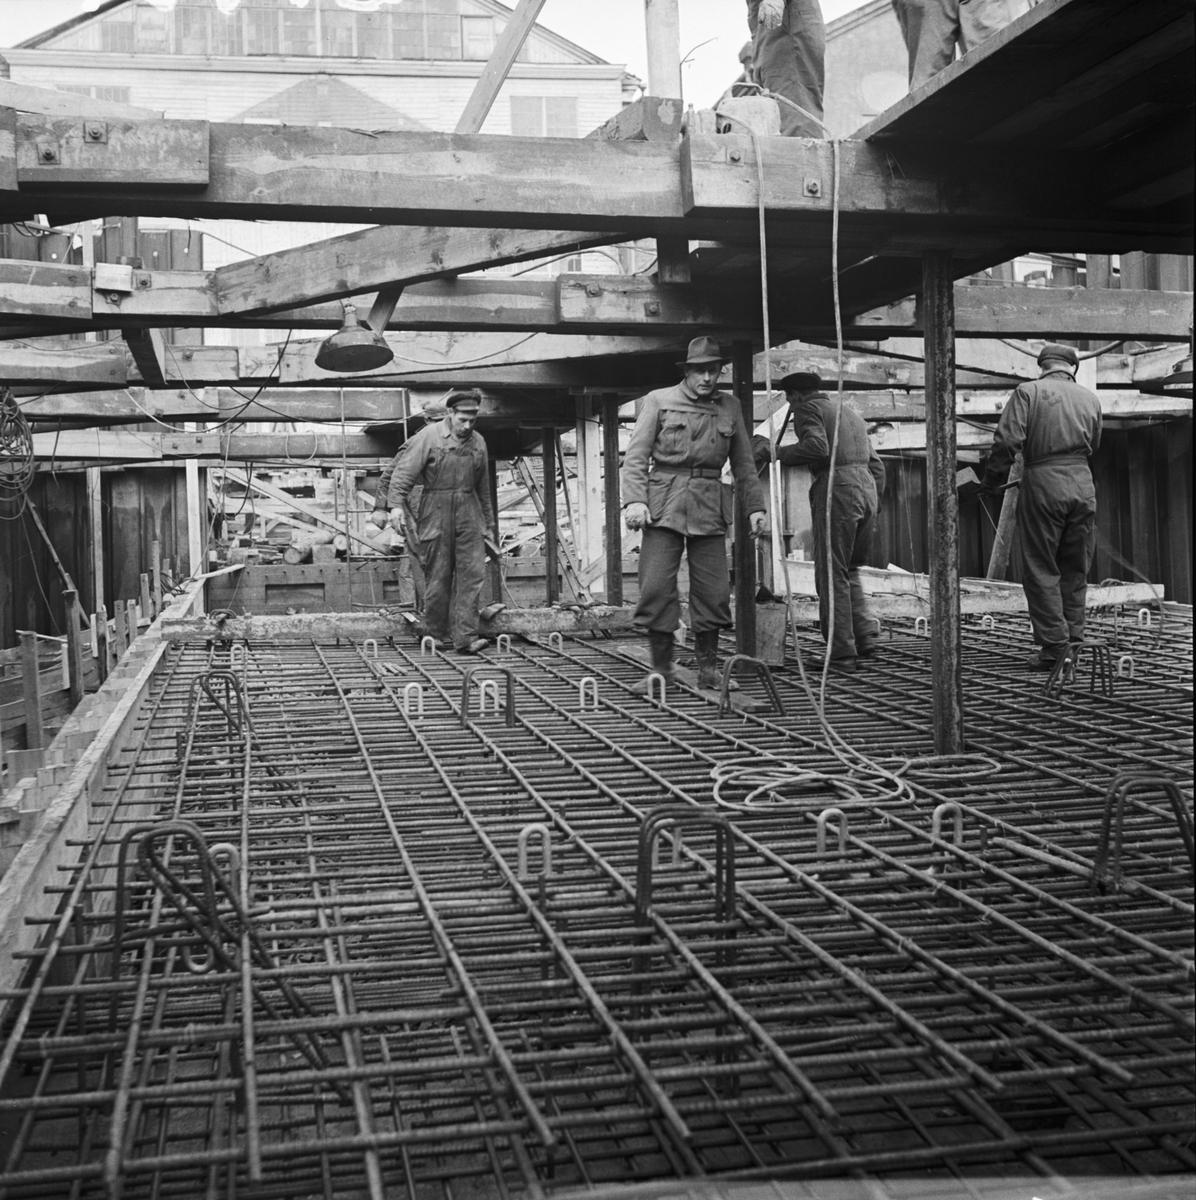 Övrigt: Foto datum: 21/2 1951 Byggnader och kranar Avlöpningsbädden